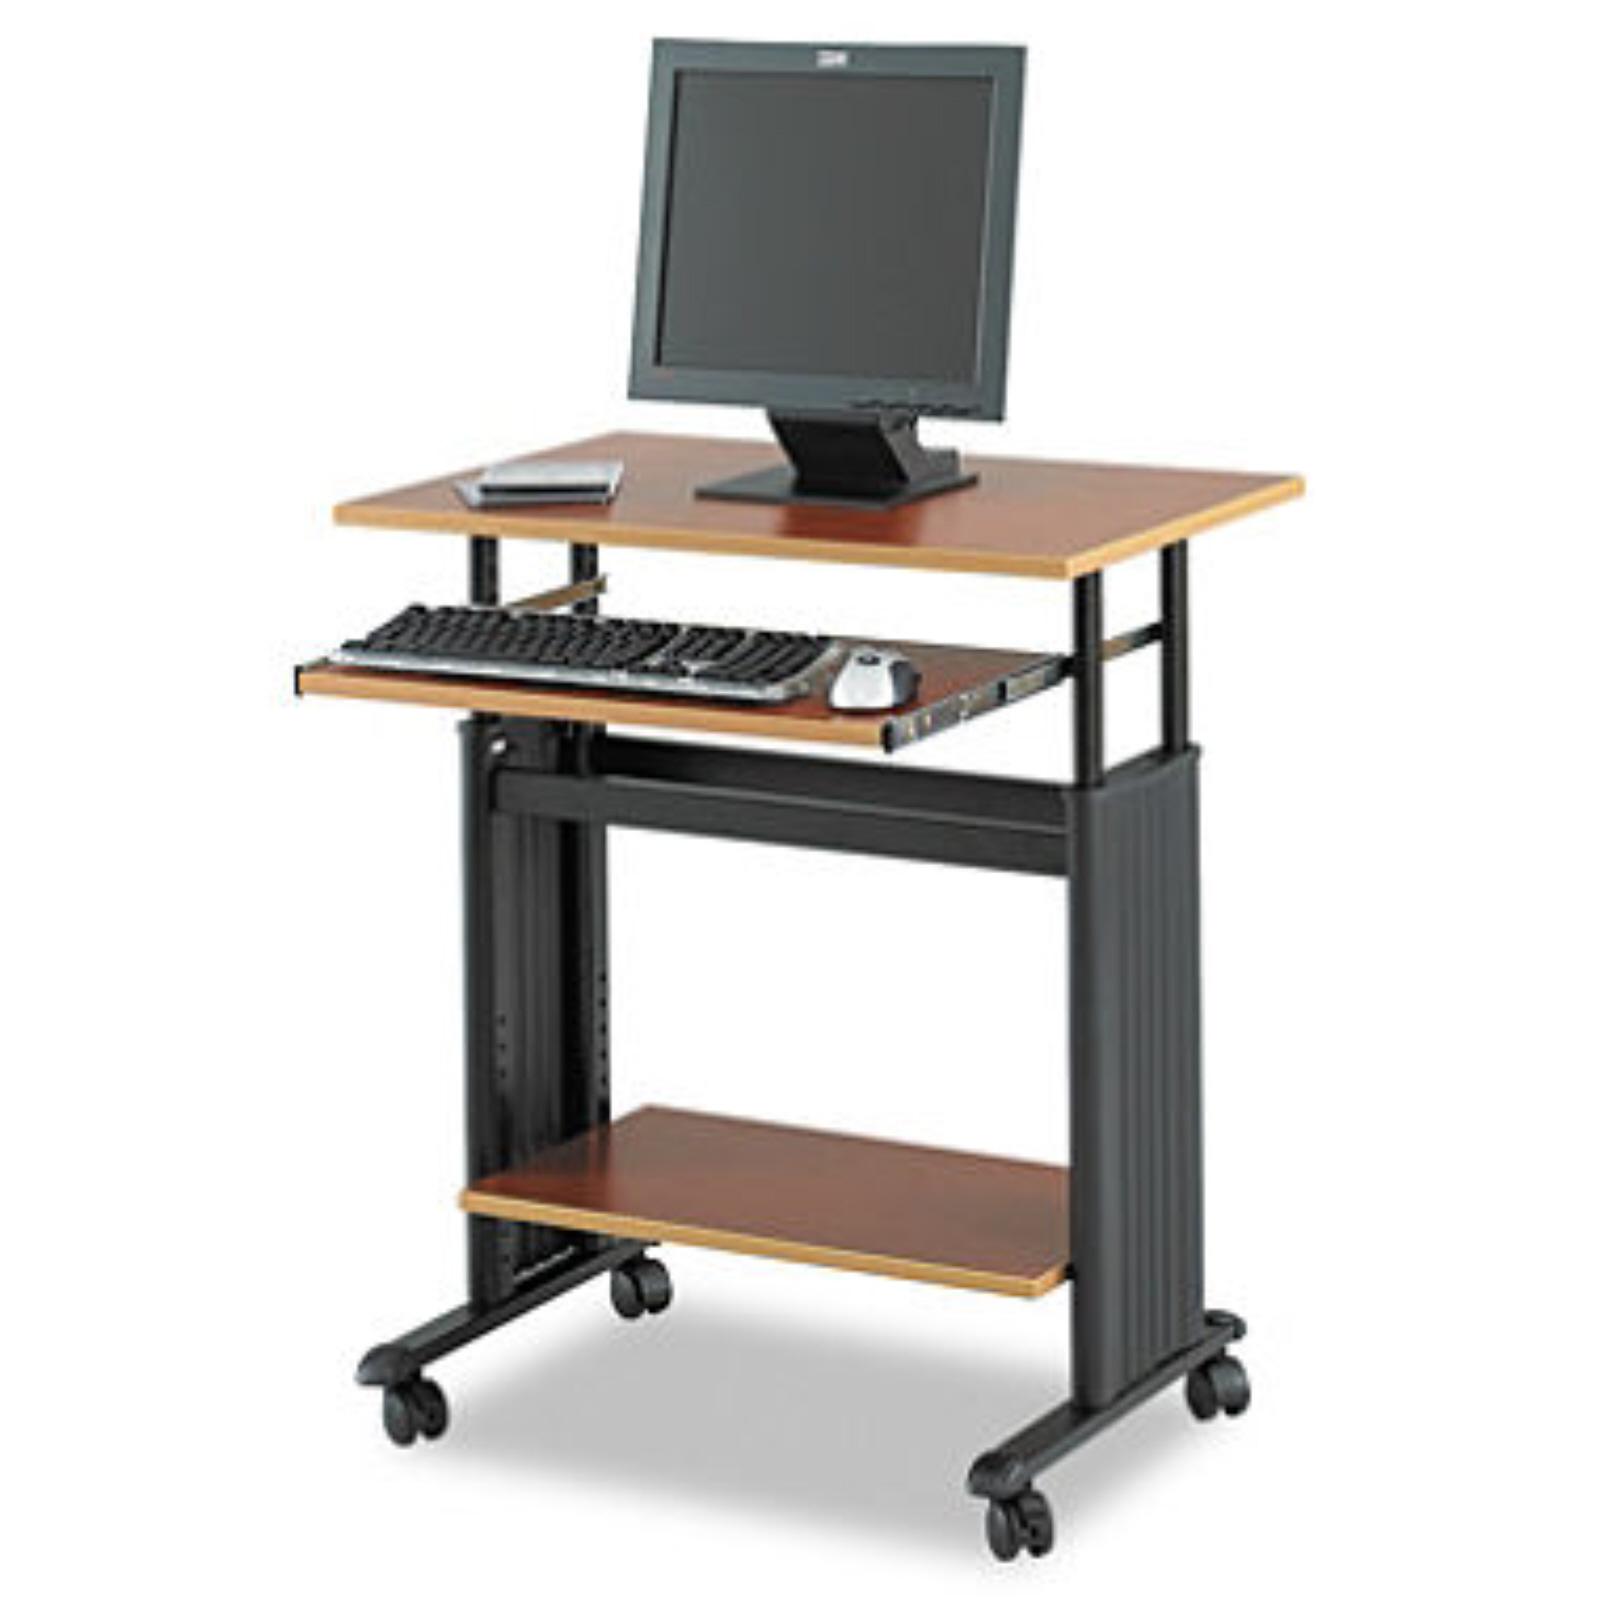 Safco 28 Wide Adjustable Computer Workstation Computer Desk Home Office New Desks Home